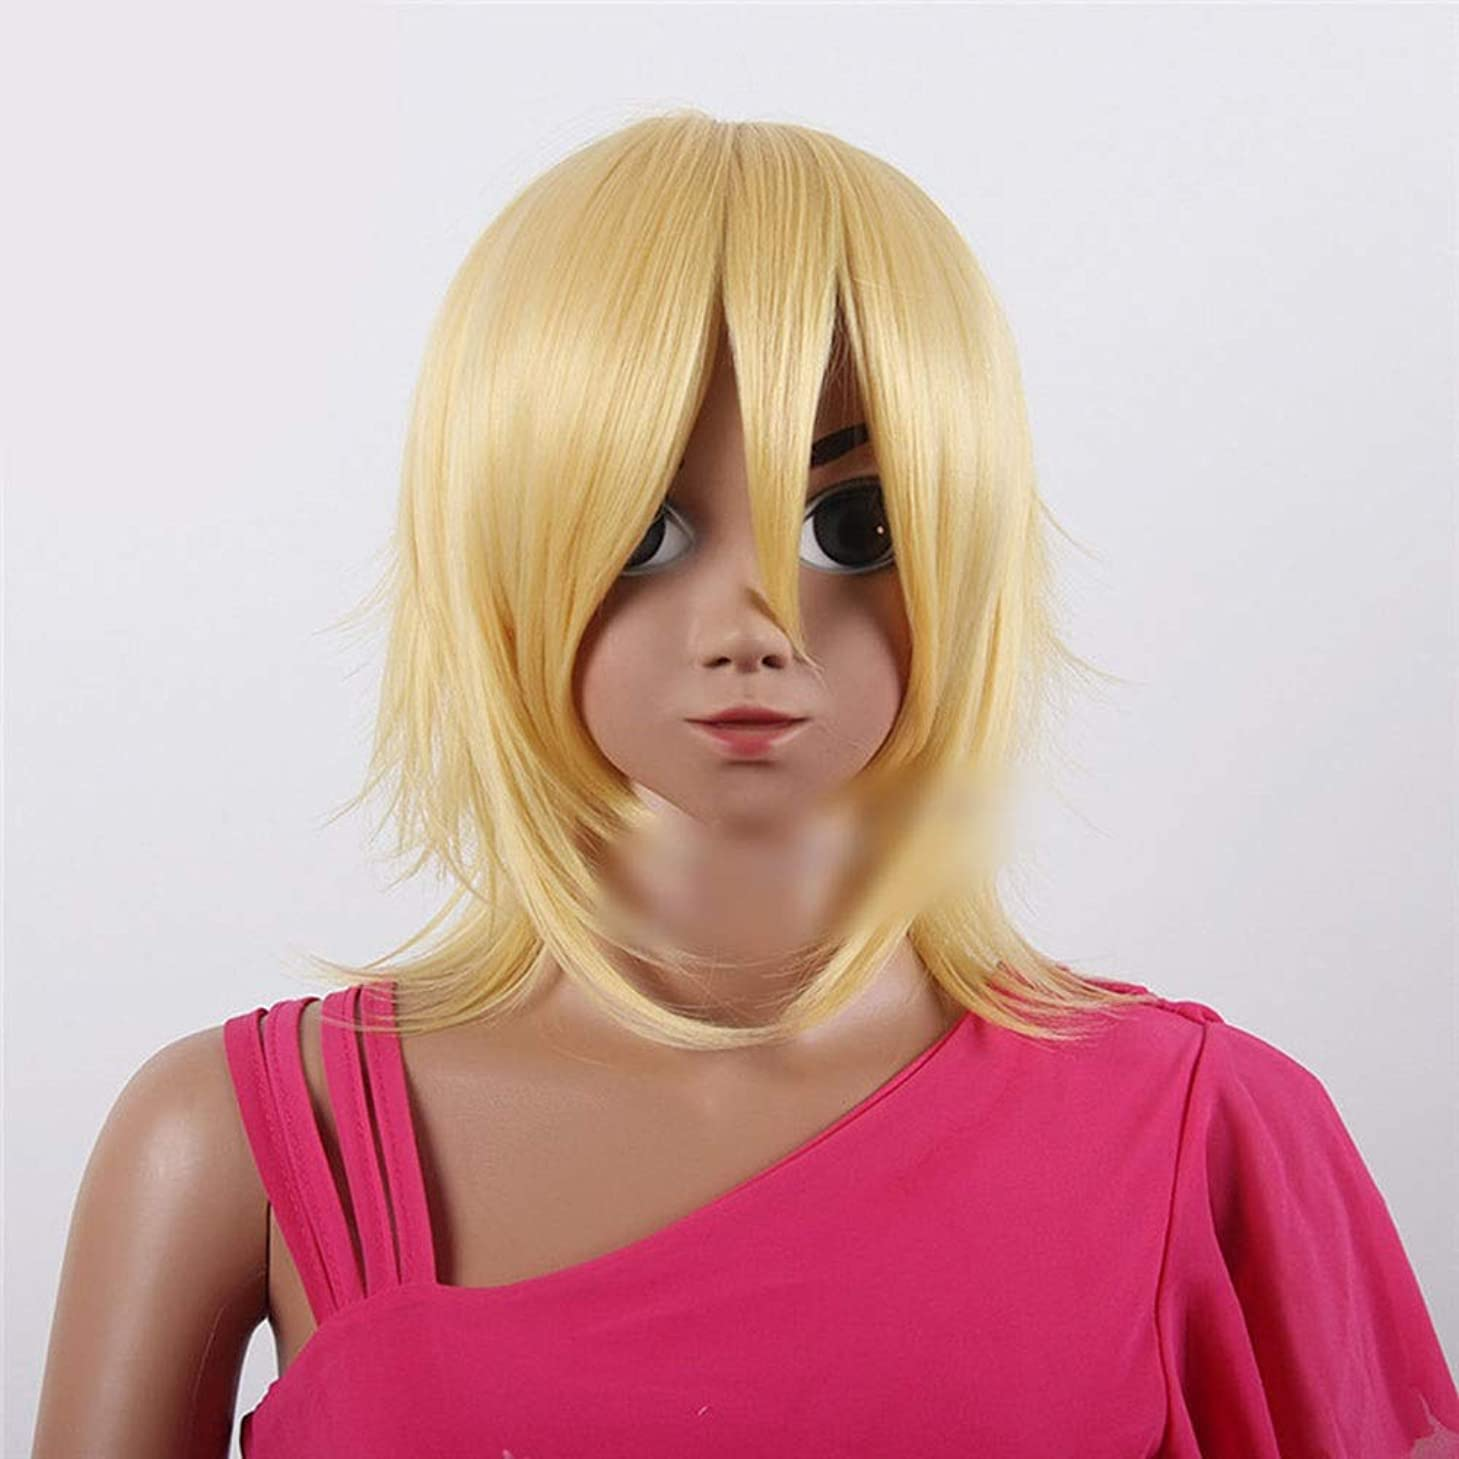 外部植木警察署Mayalina 女性の短い黄色の髪 - 肩の長さのコスプレパーティーハロウィンコスチューム女性の合成かつらレースかつらロールプレイングかつら (色 : イエロー)